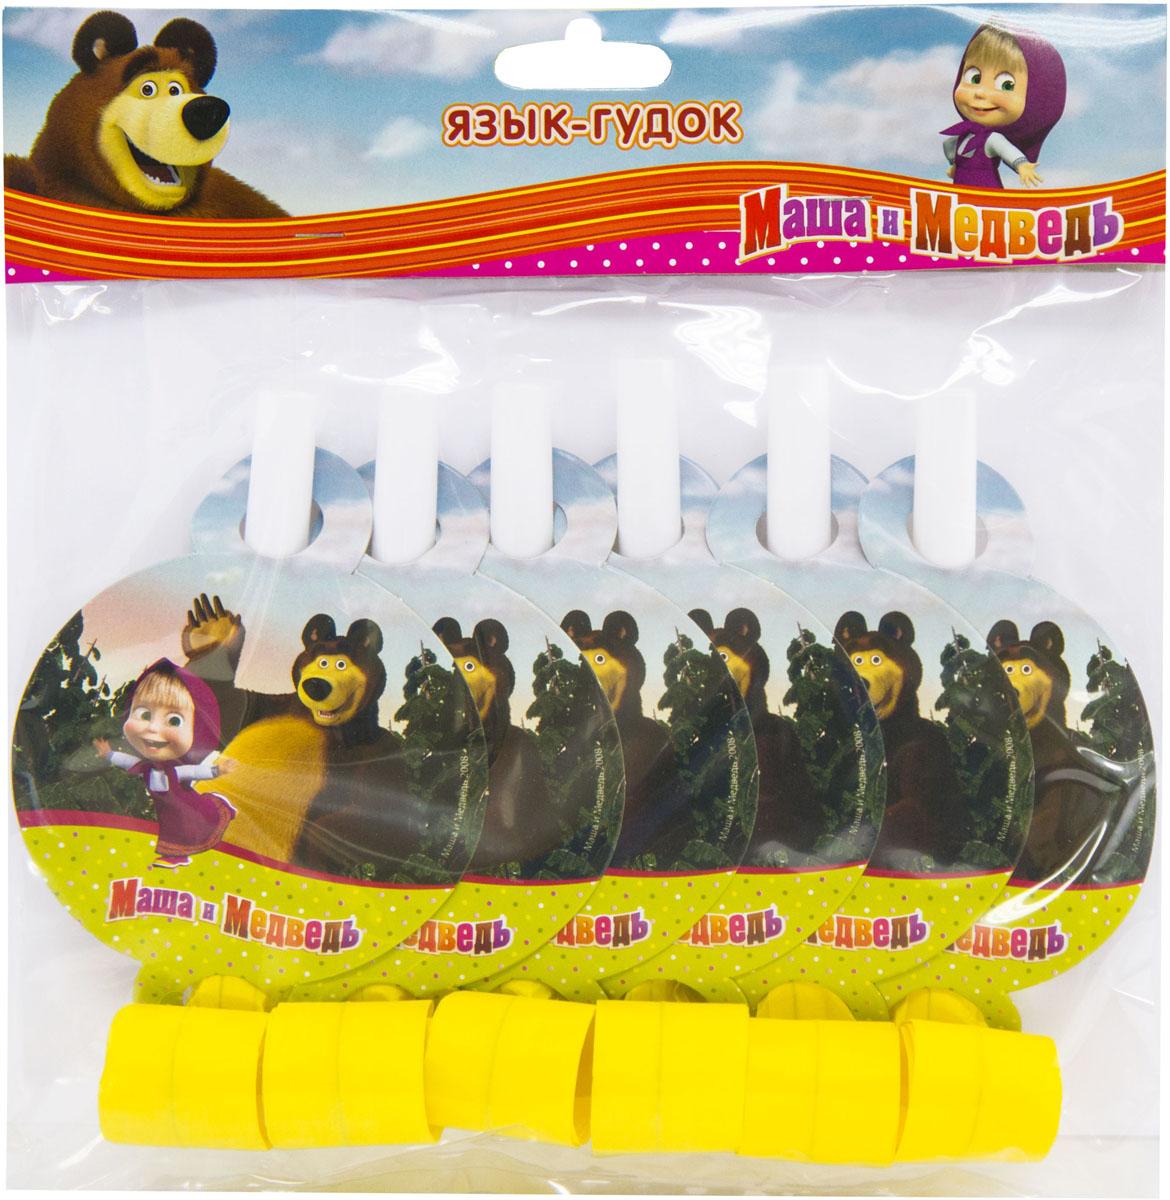 Веселая затея Язык-гудок Маша и Медведь 6 шт маша и медведь колпак машины сказки 6 шт